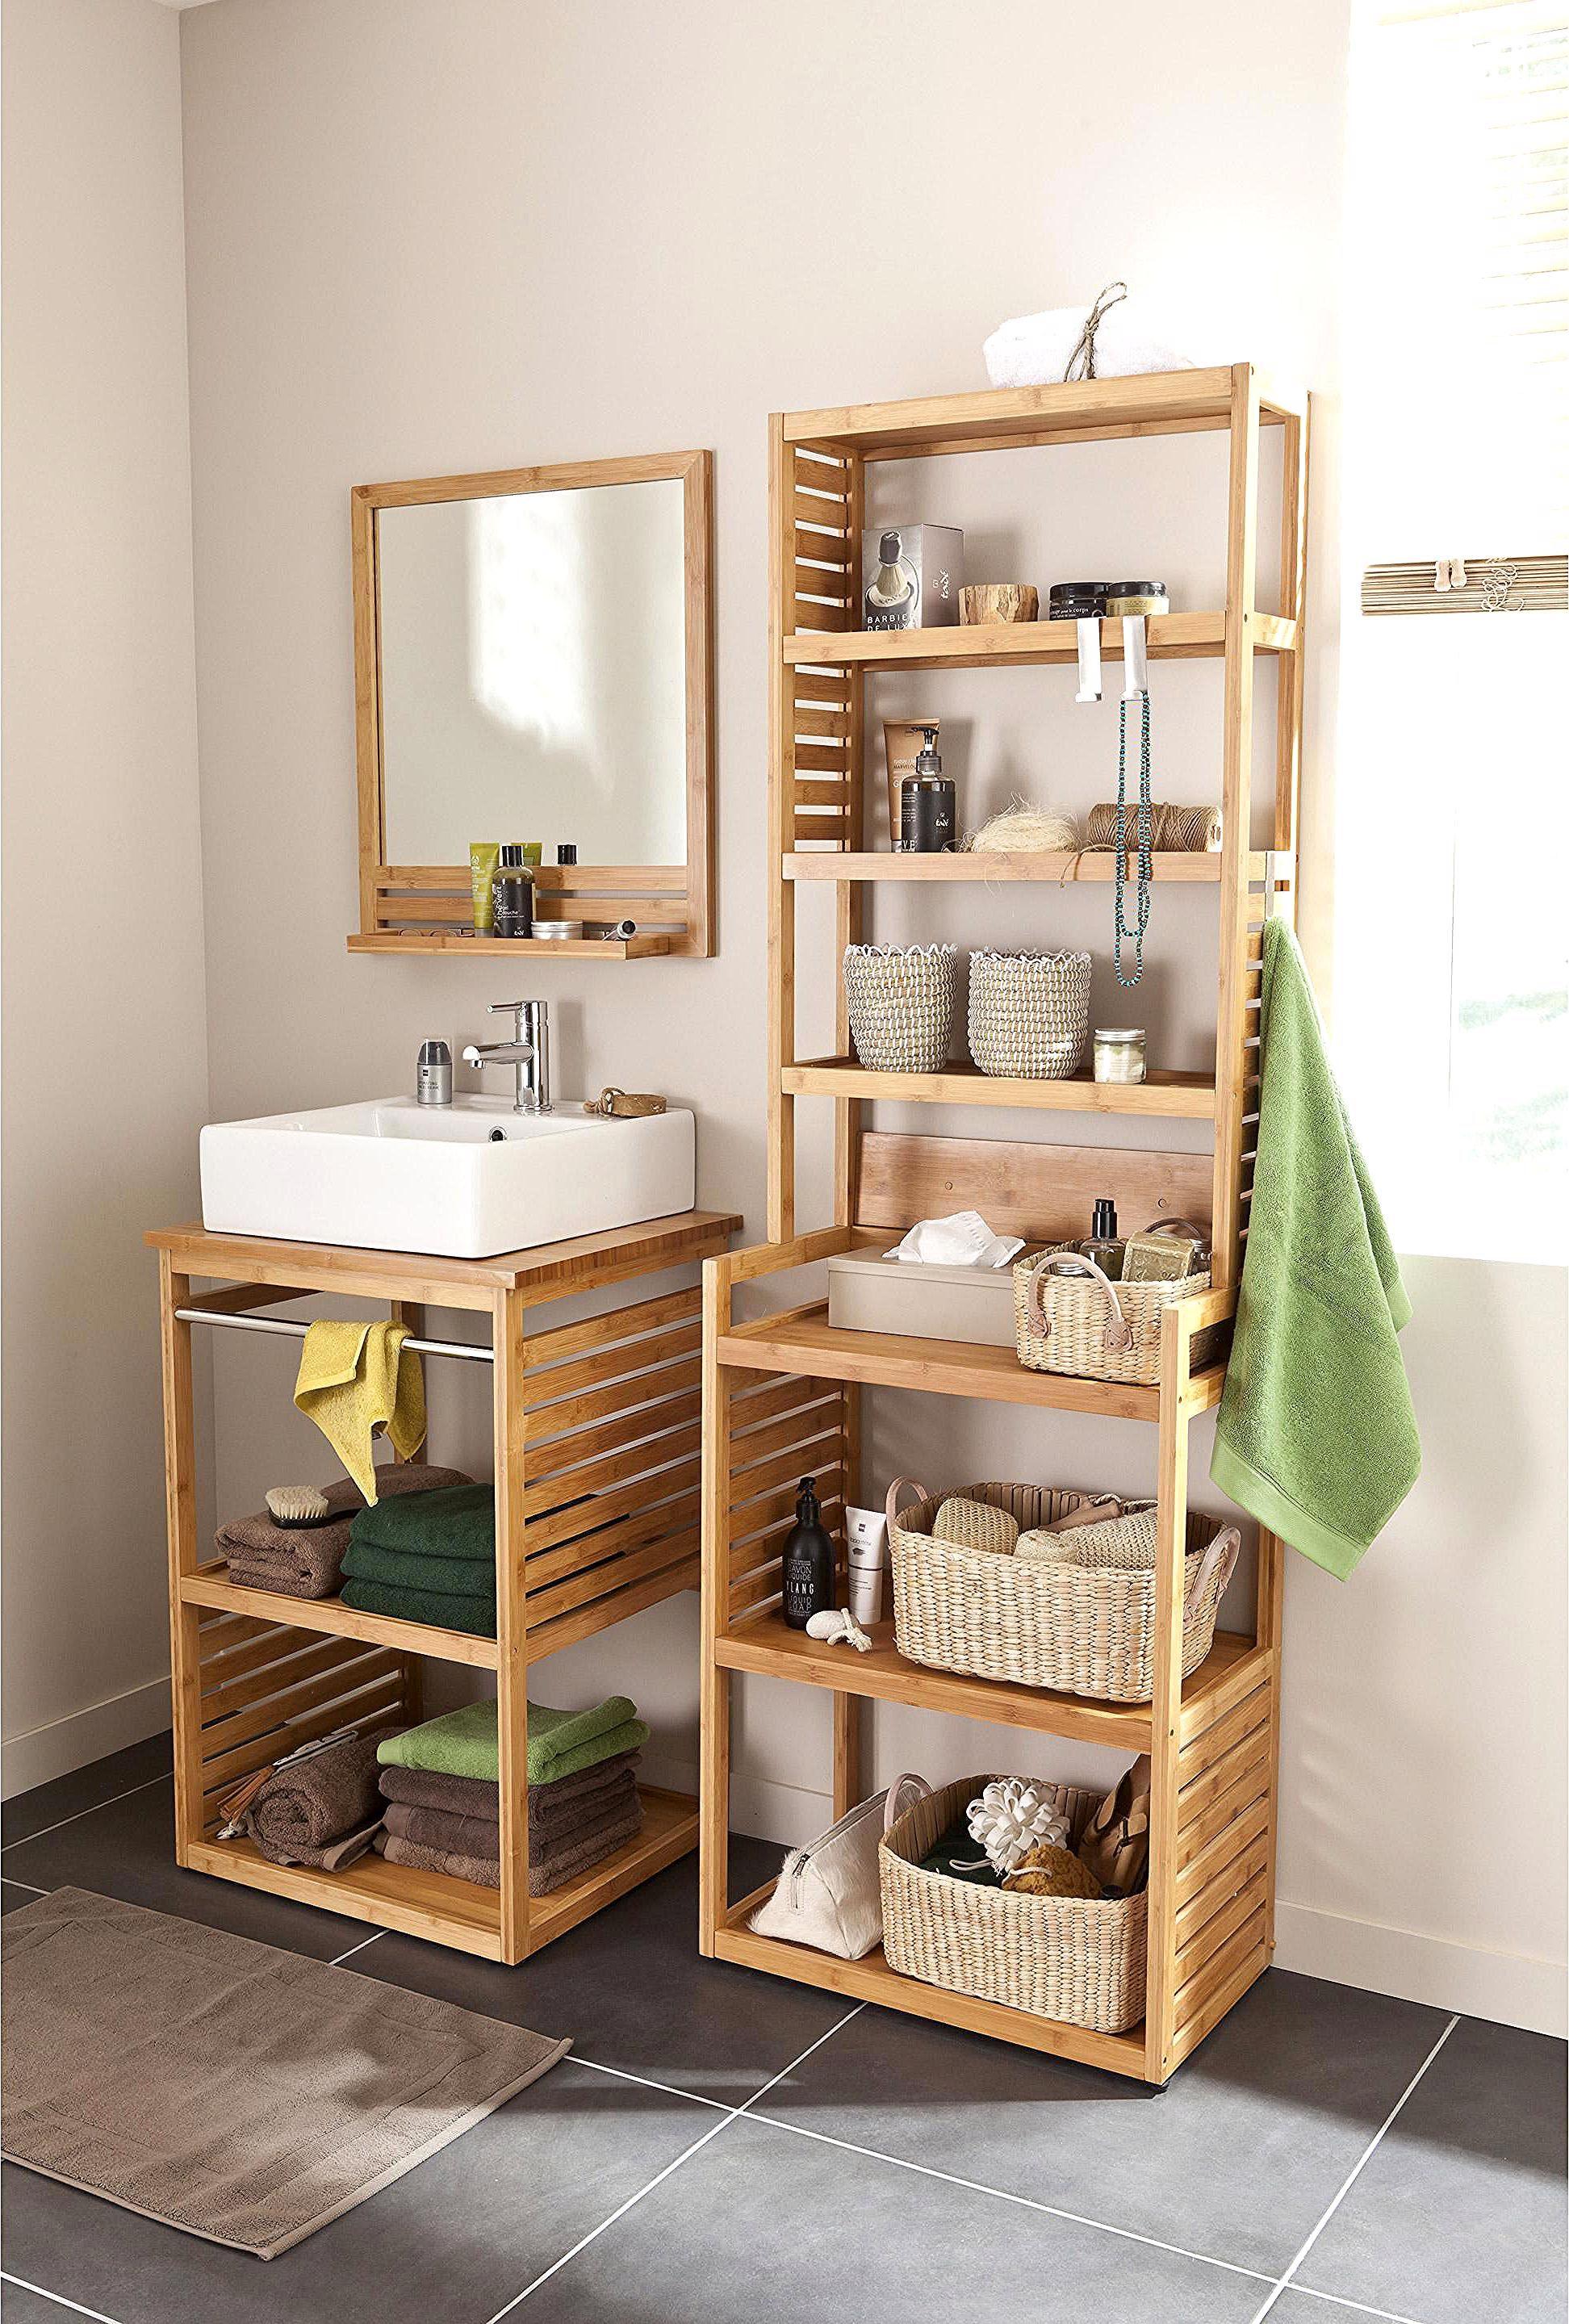 Meuble H&h : meuble, Meuble, Salle, Bains, Simple, Vasque, Bambou,, Natural, Bathroom, Decor,, Small, Furniture